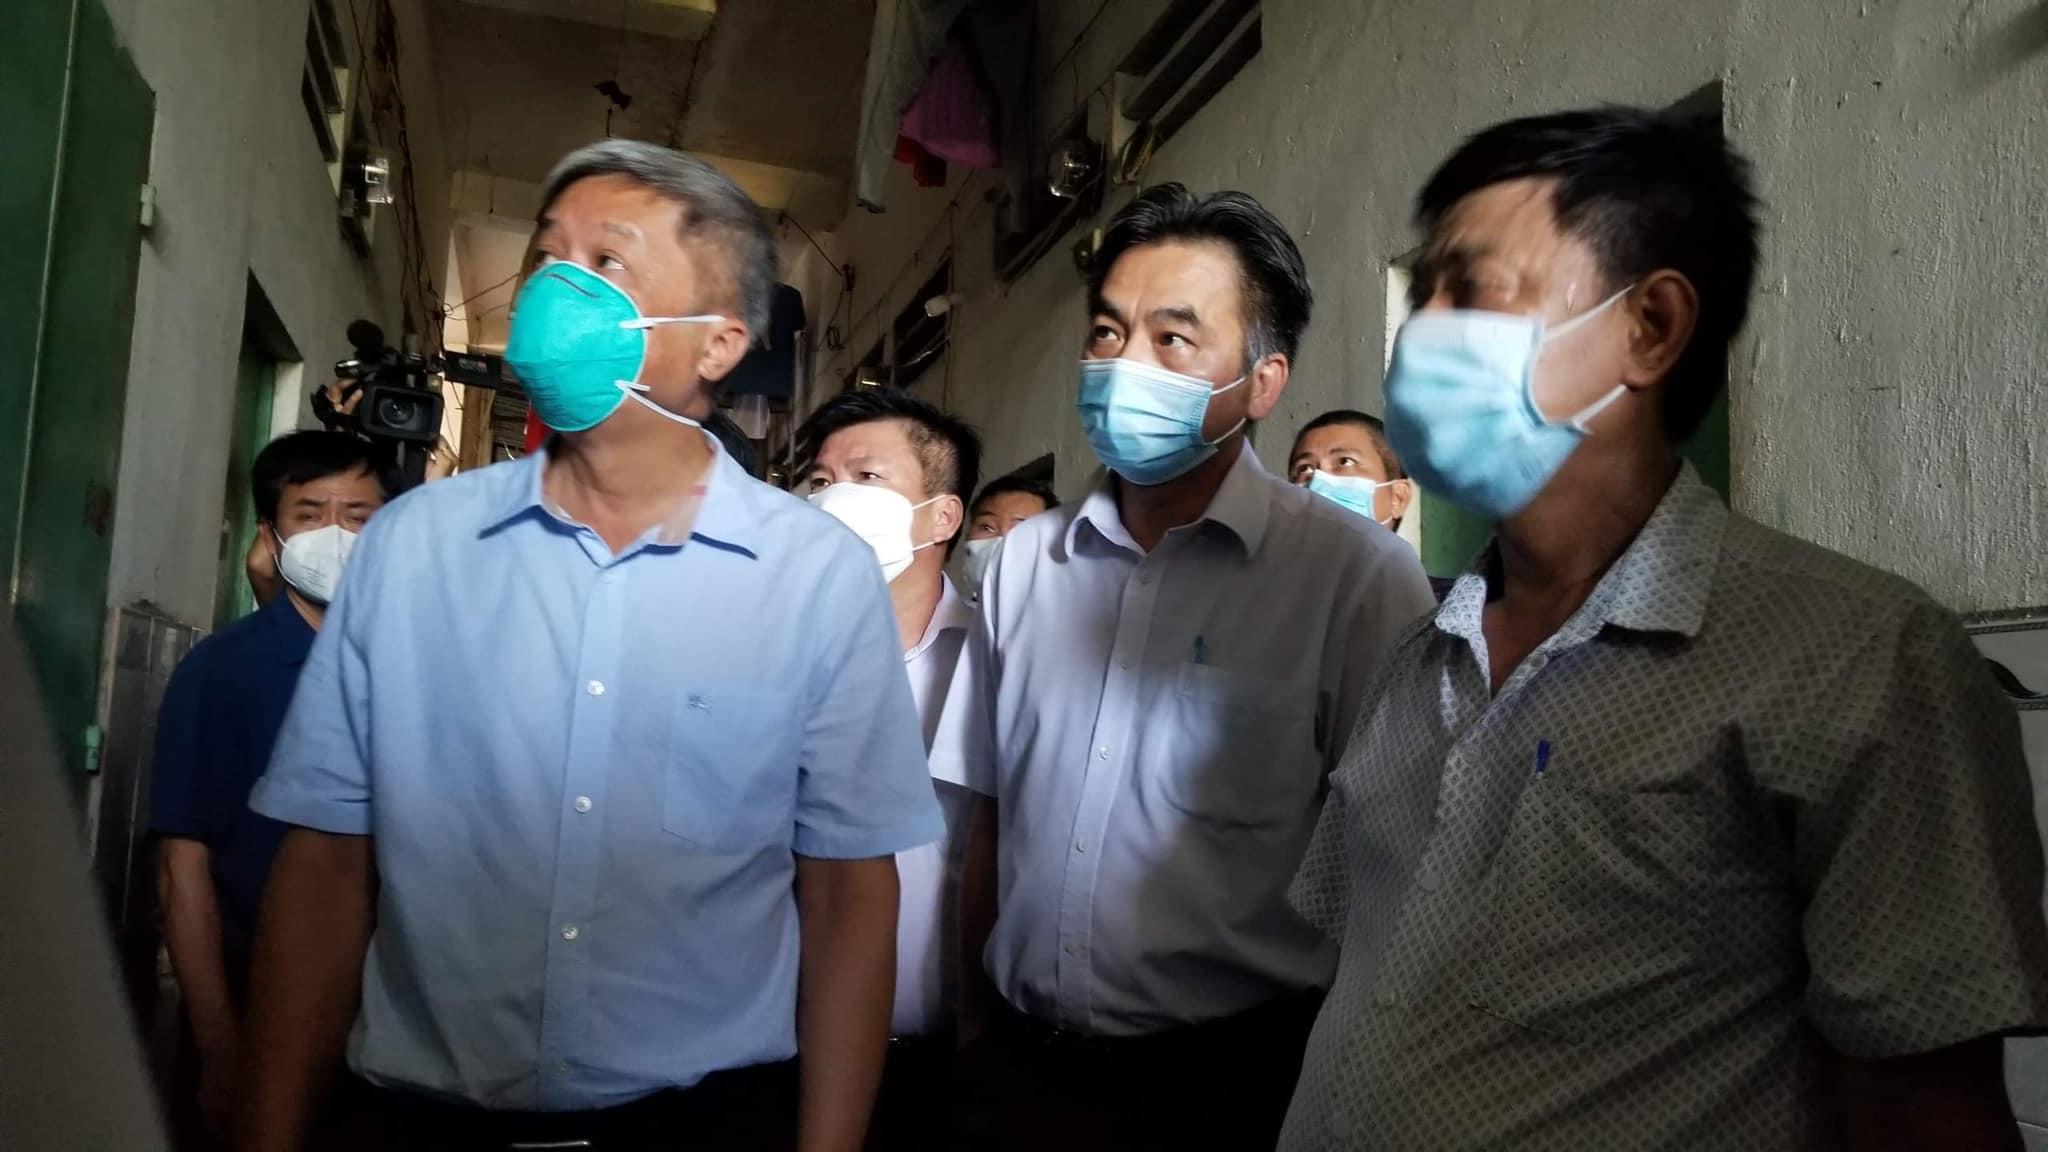 Bình Dương ghi nhận 164 ca mắc COVID-19, Bộ Y tế khuyến cáo siết chặt giãn cách xã hội TP. Thuận An - 1